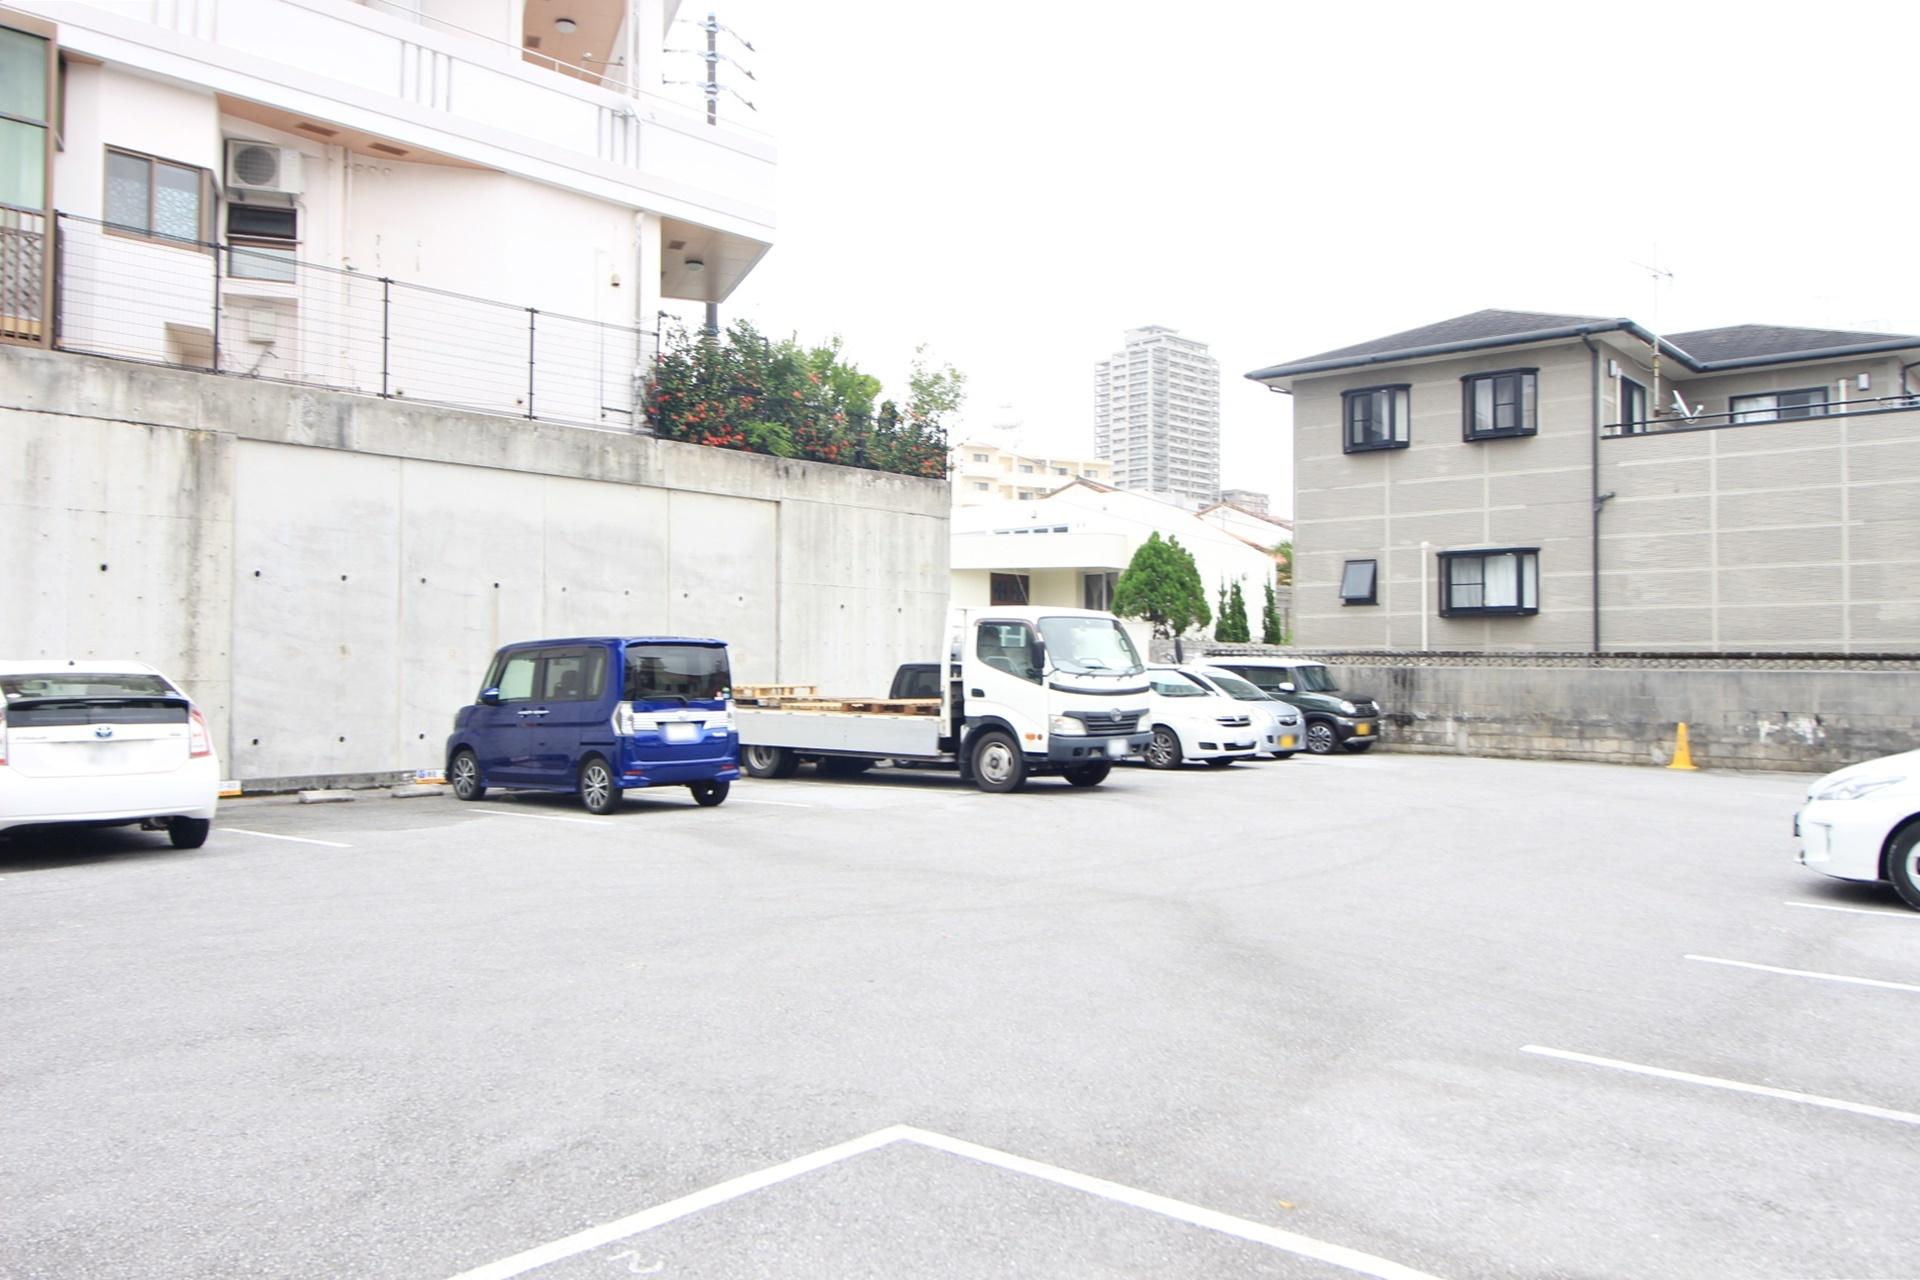 【外観写真】 【土地面積約554平米】那覇市泊に登場!現在駐車場として賃貸中!現況渡し、建築条件なし!